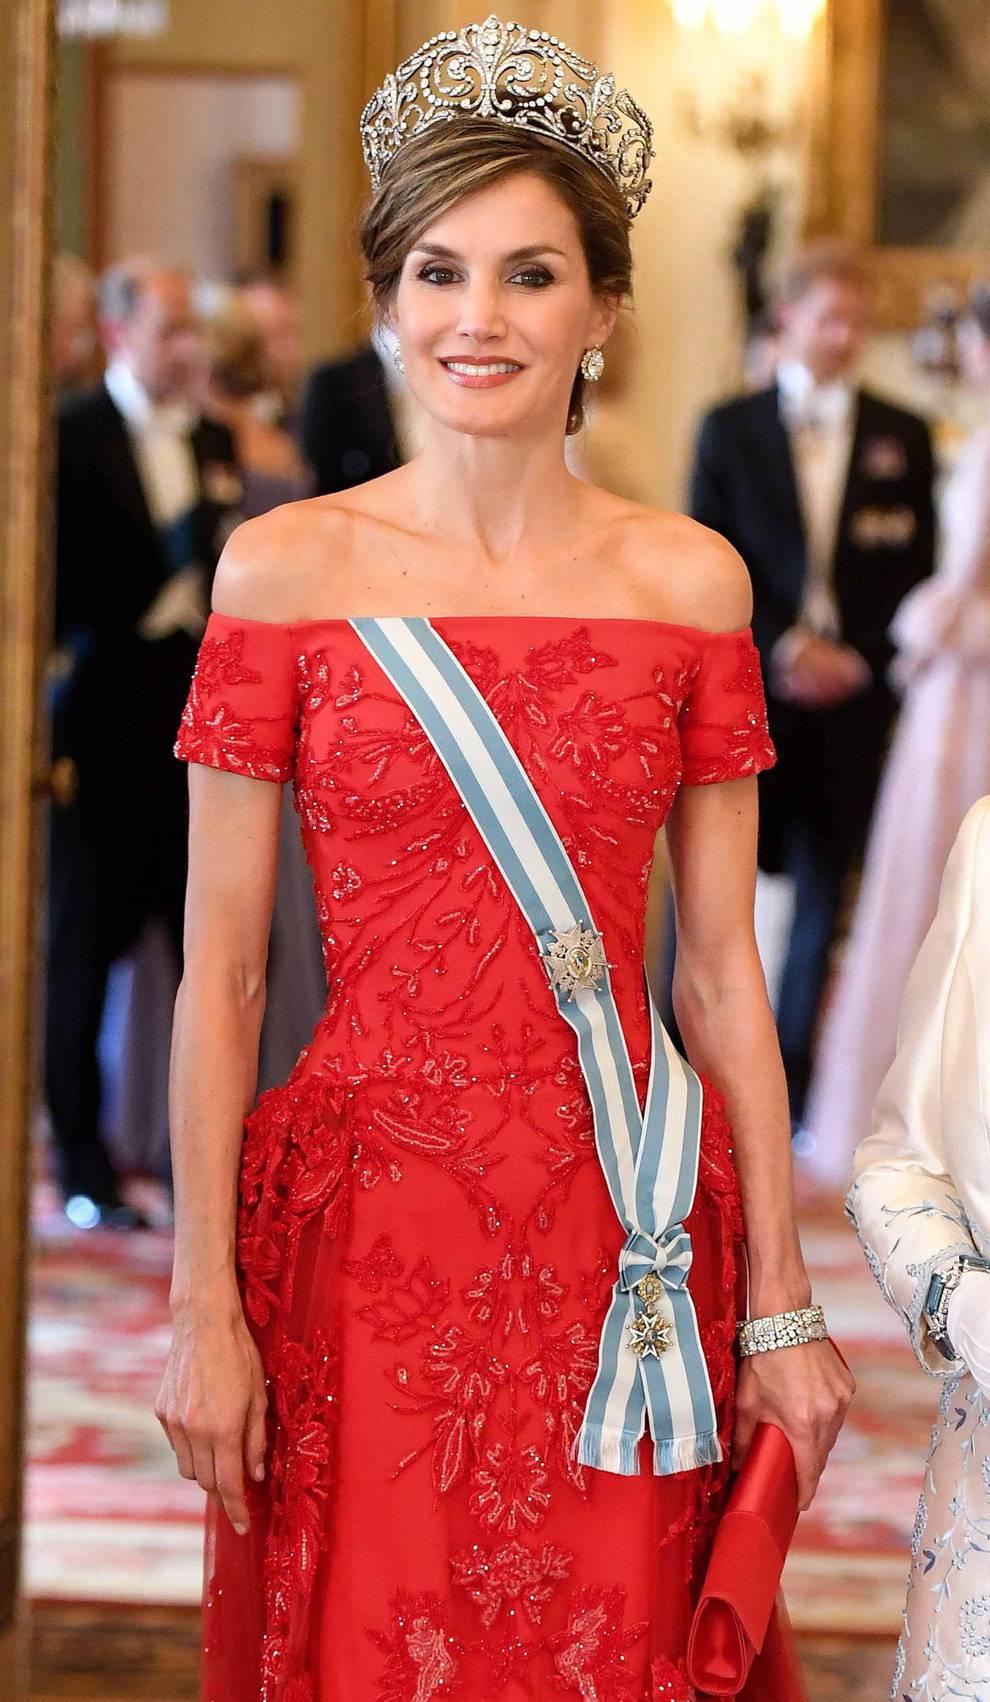 La reina Letizia \